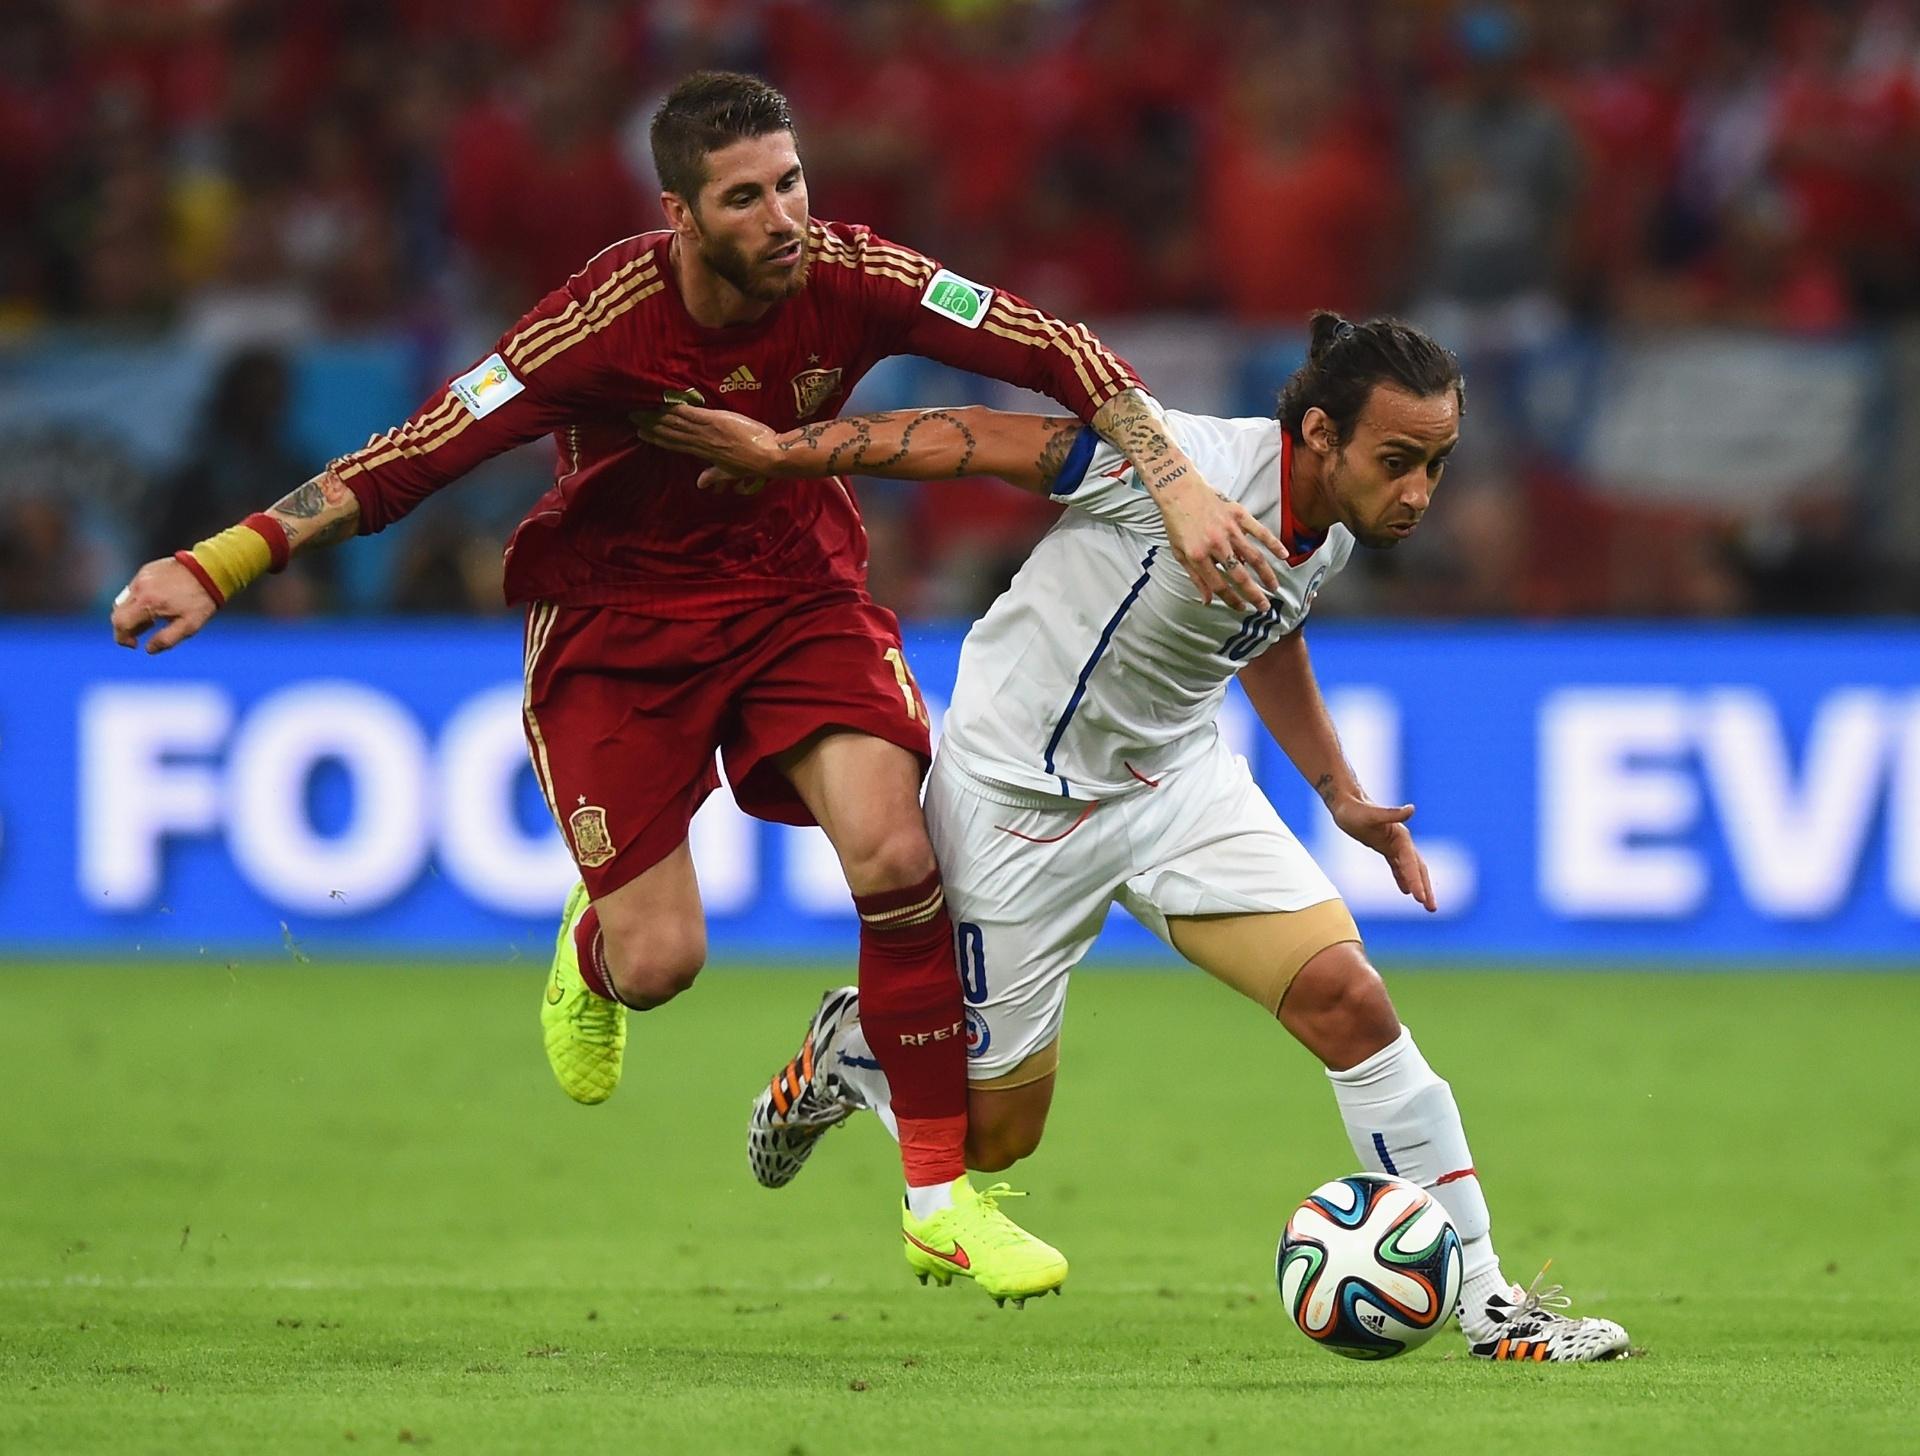 Valdivia divide a bola com Sergio Ramos na vitória chilena sobre a Espanha por 2 a 0 no Maracanã